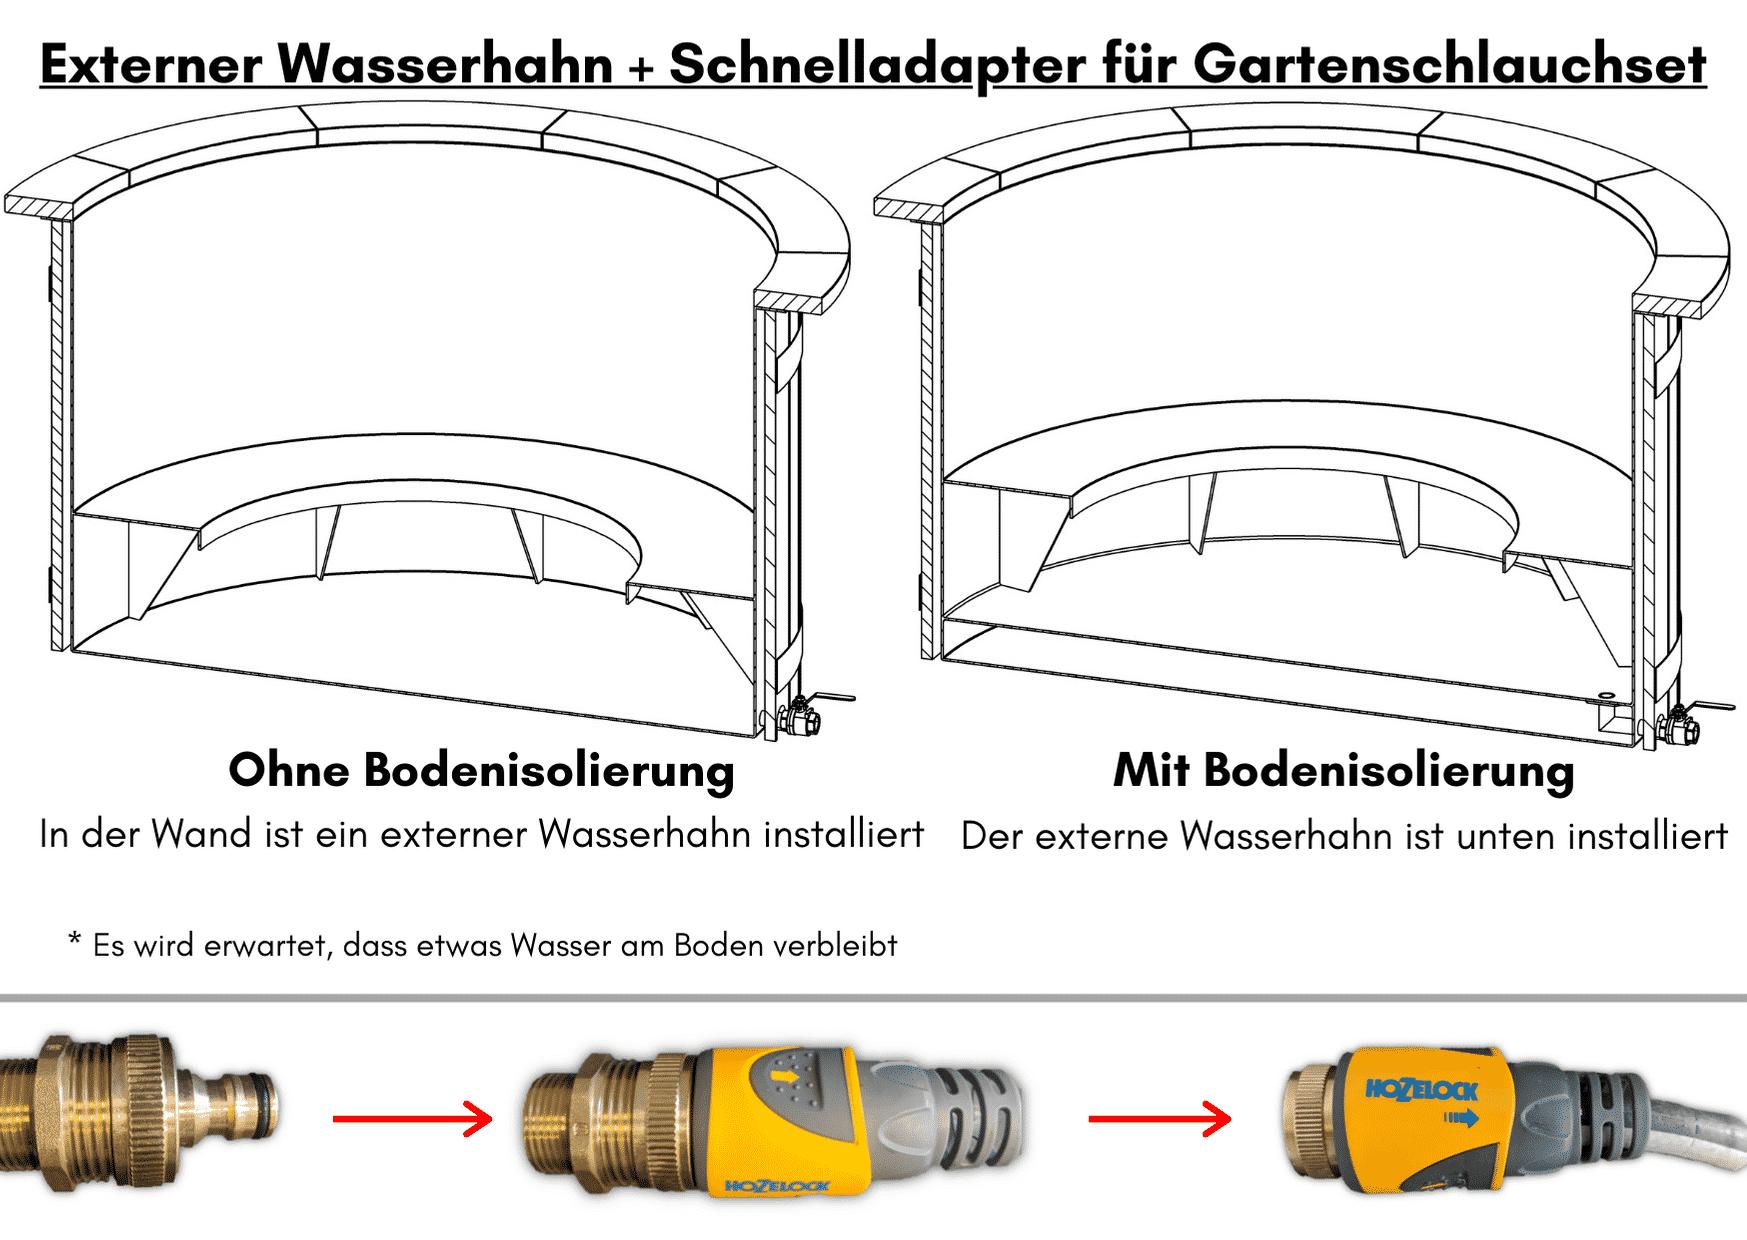 Badezuber mit Kunststoffeinsatz fuer Selbstgestaltung Externer Wasserhahn Schnelladapter fuer Gartenschlauchset 2